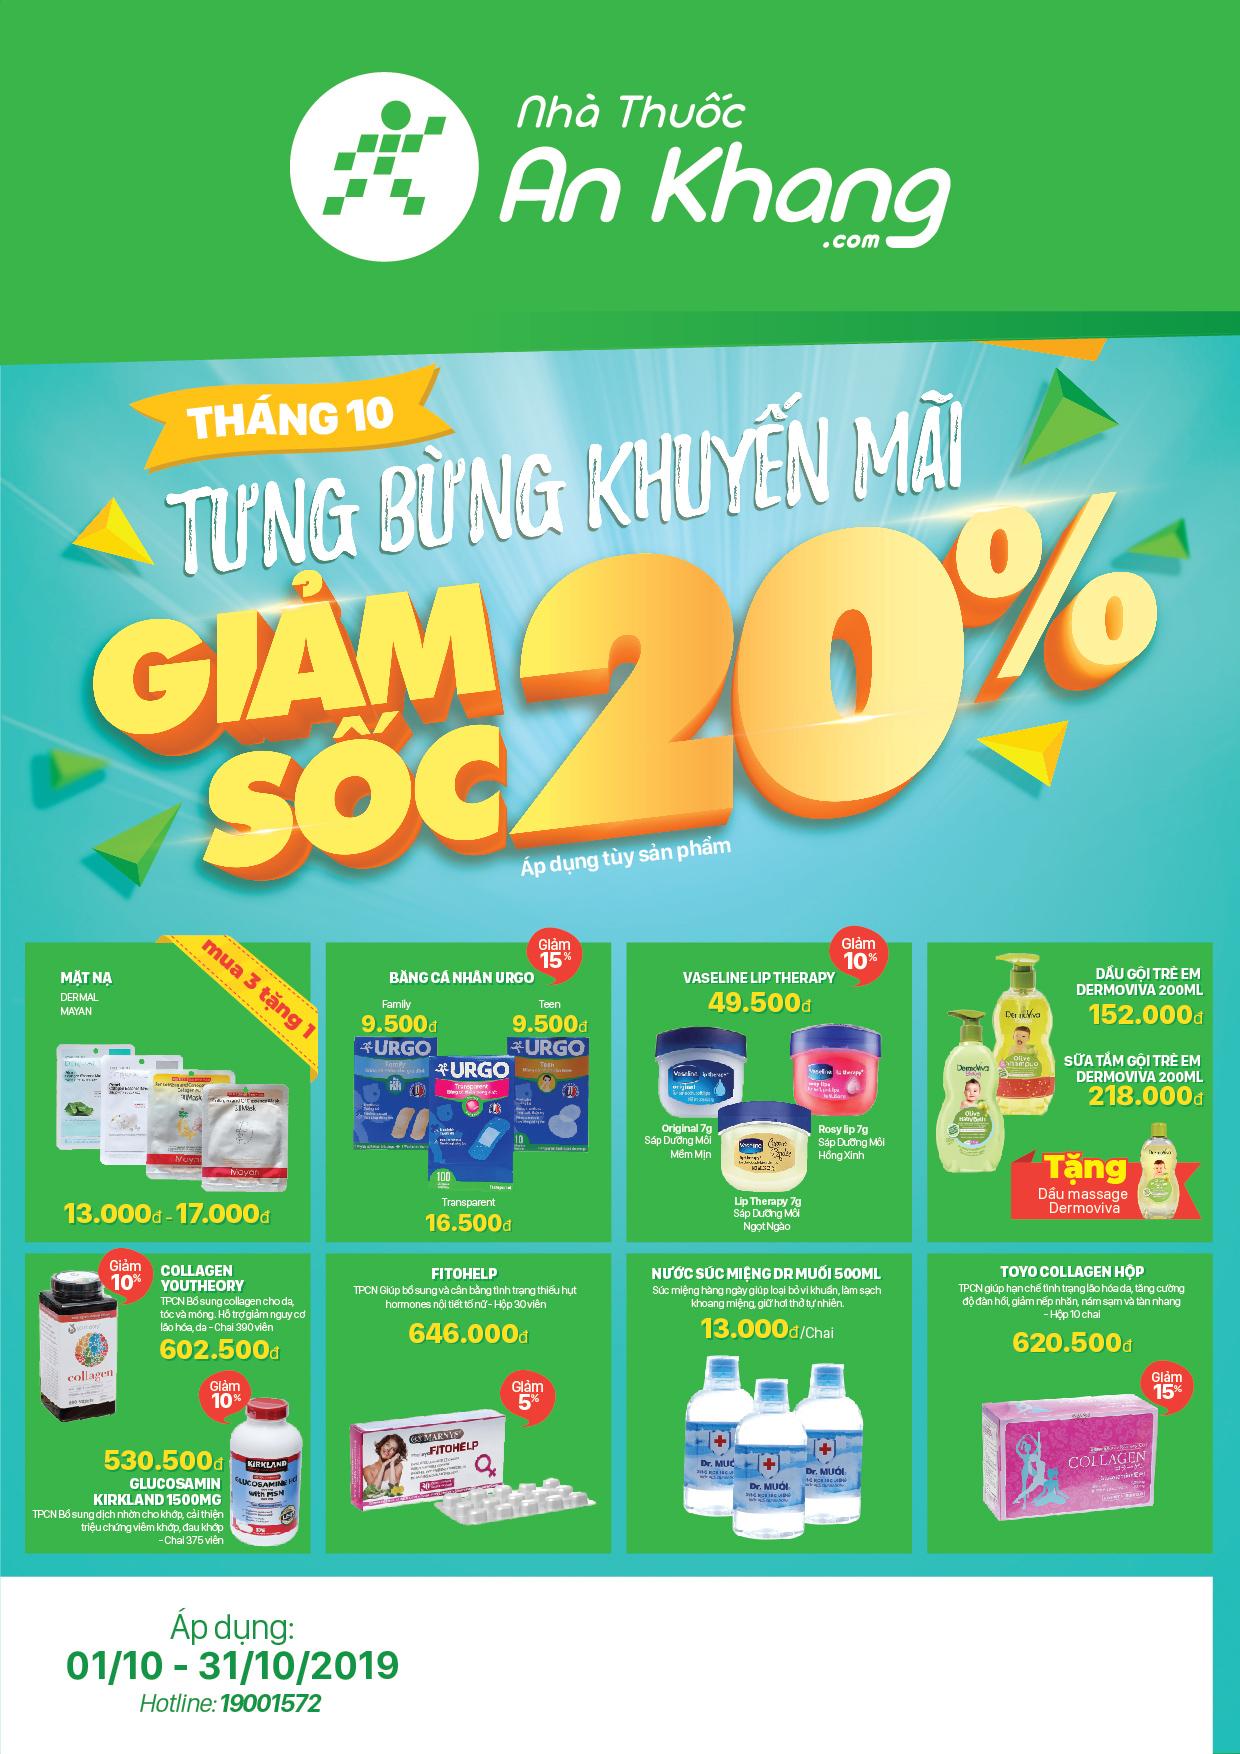 Từ ngày 01/10 đến ngày 31/10, hơn 150 sản phẩm Thực phẩm chức năng, hoá mỹ phẩm, trang thiết bị y tế nằm trong danh mục sản phẩm khuyến mãi được giảm giá sốc lên đến 20%